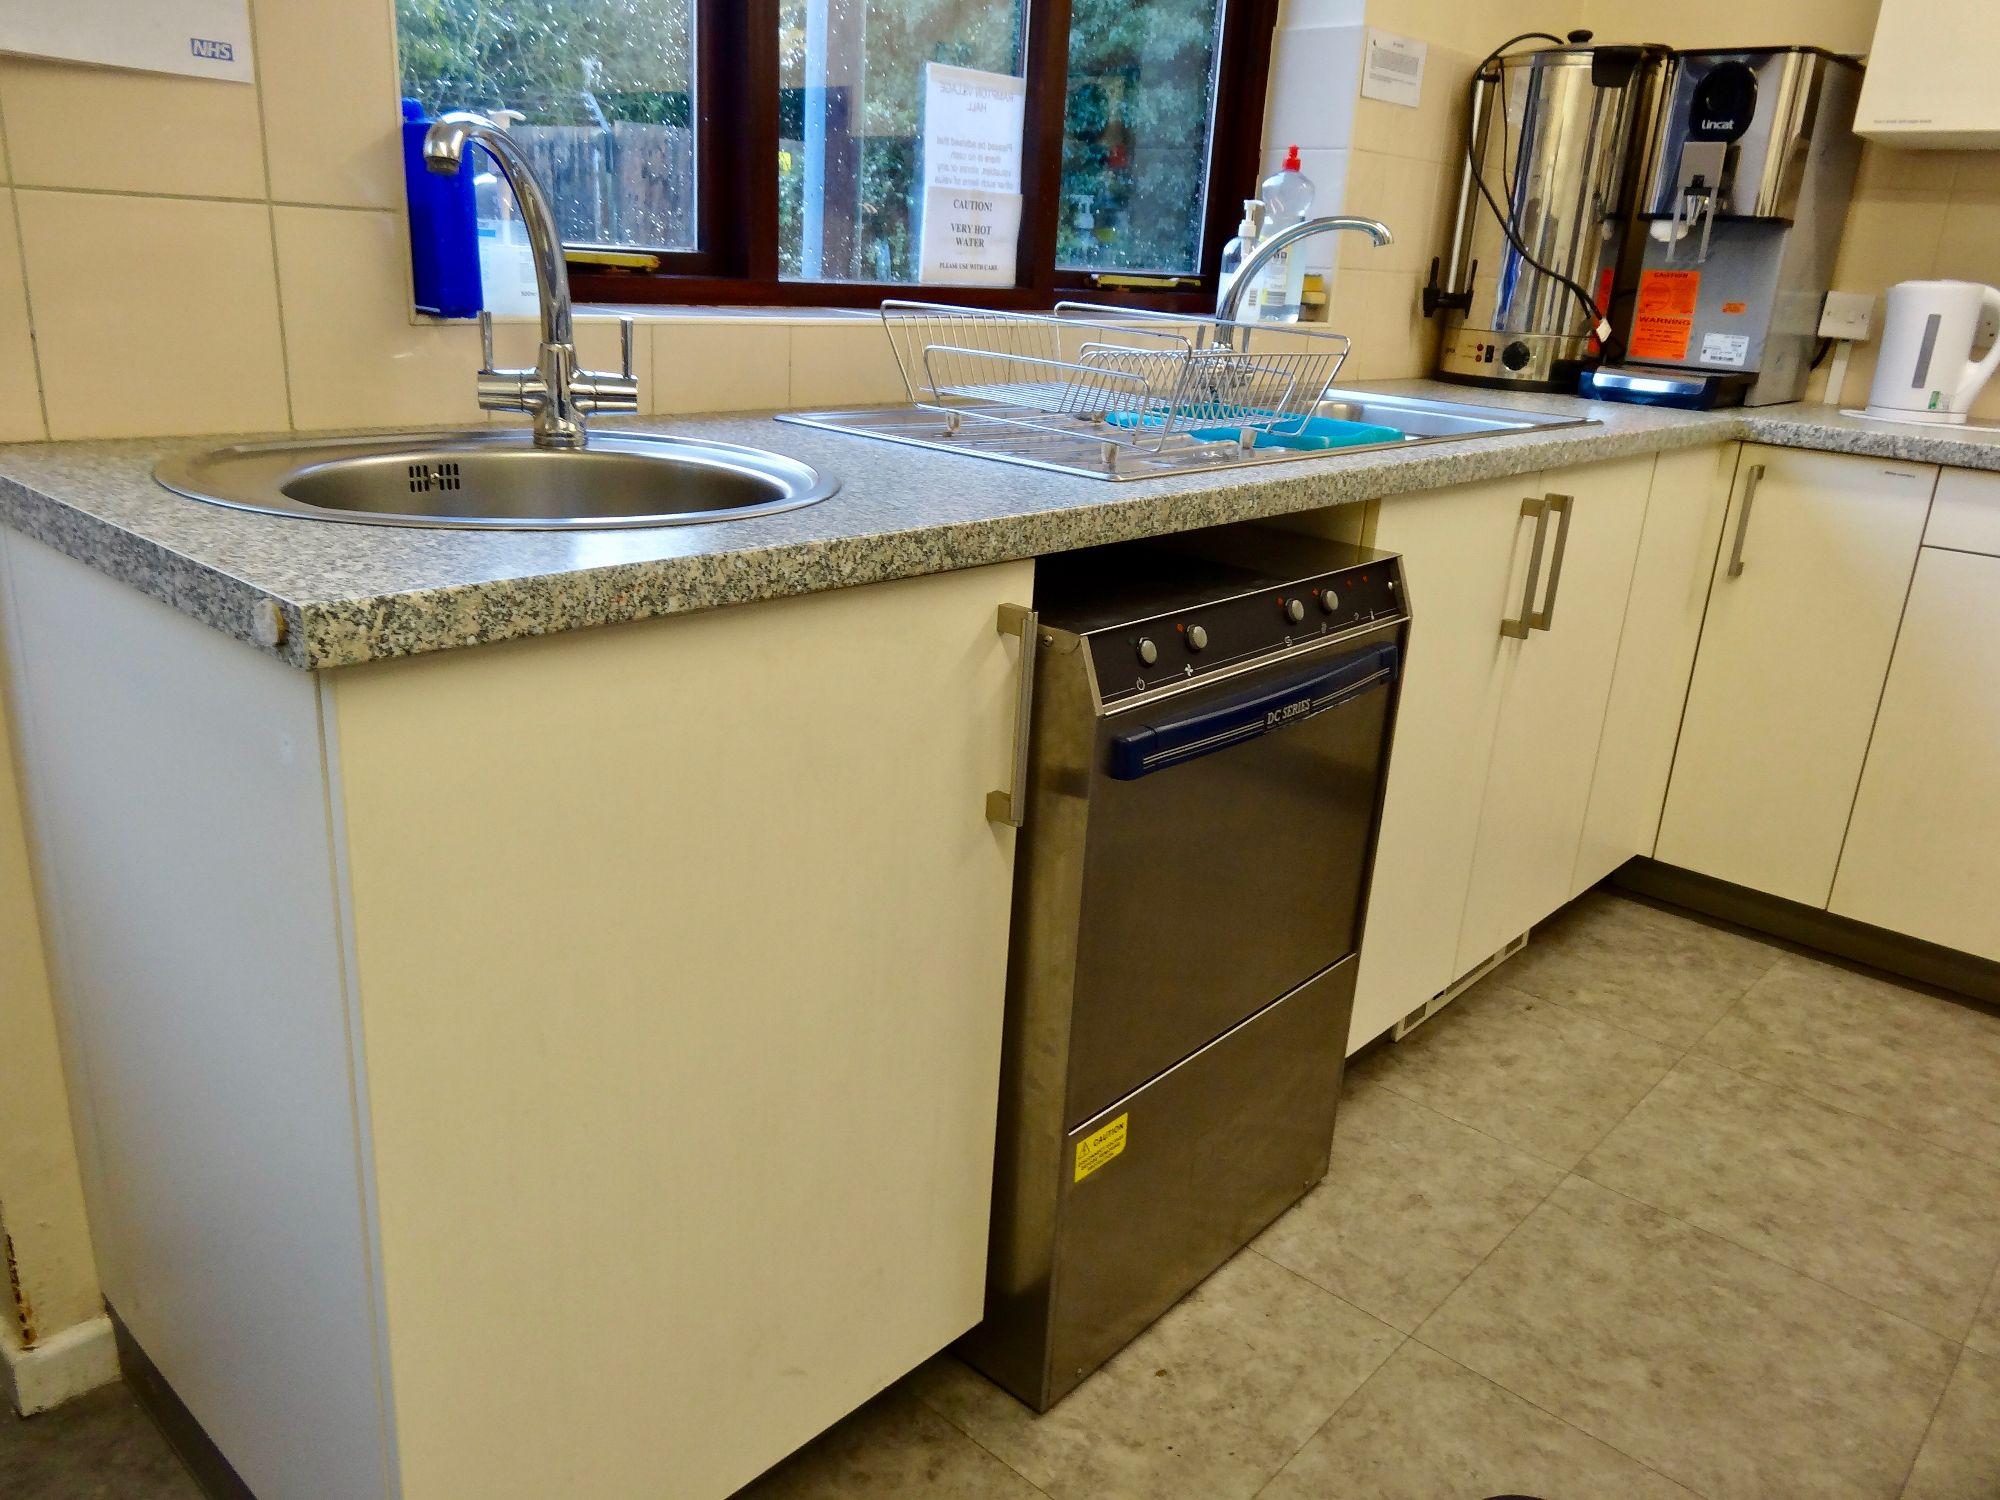 0 JEP kitchen dishwasher Nov 2020.jpg